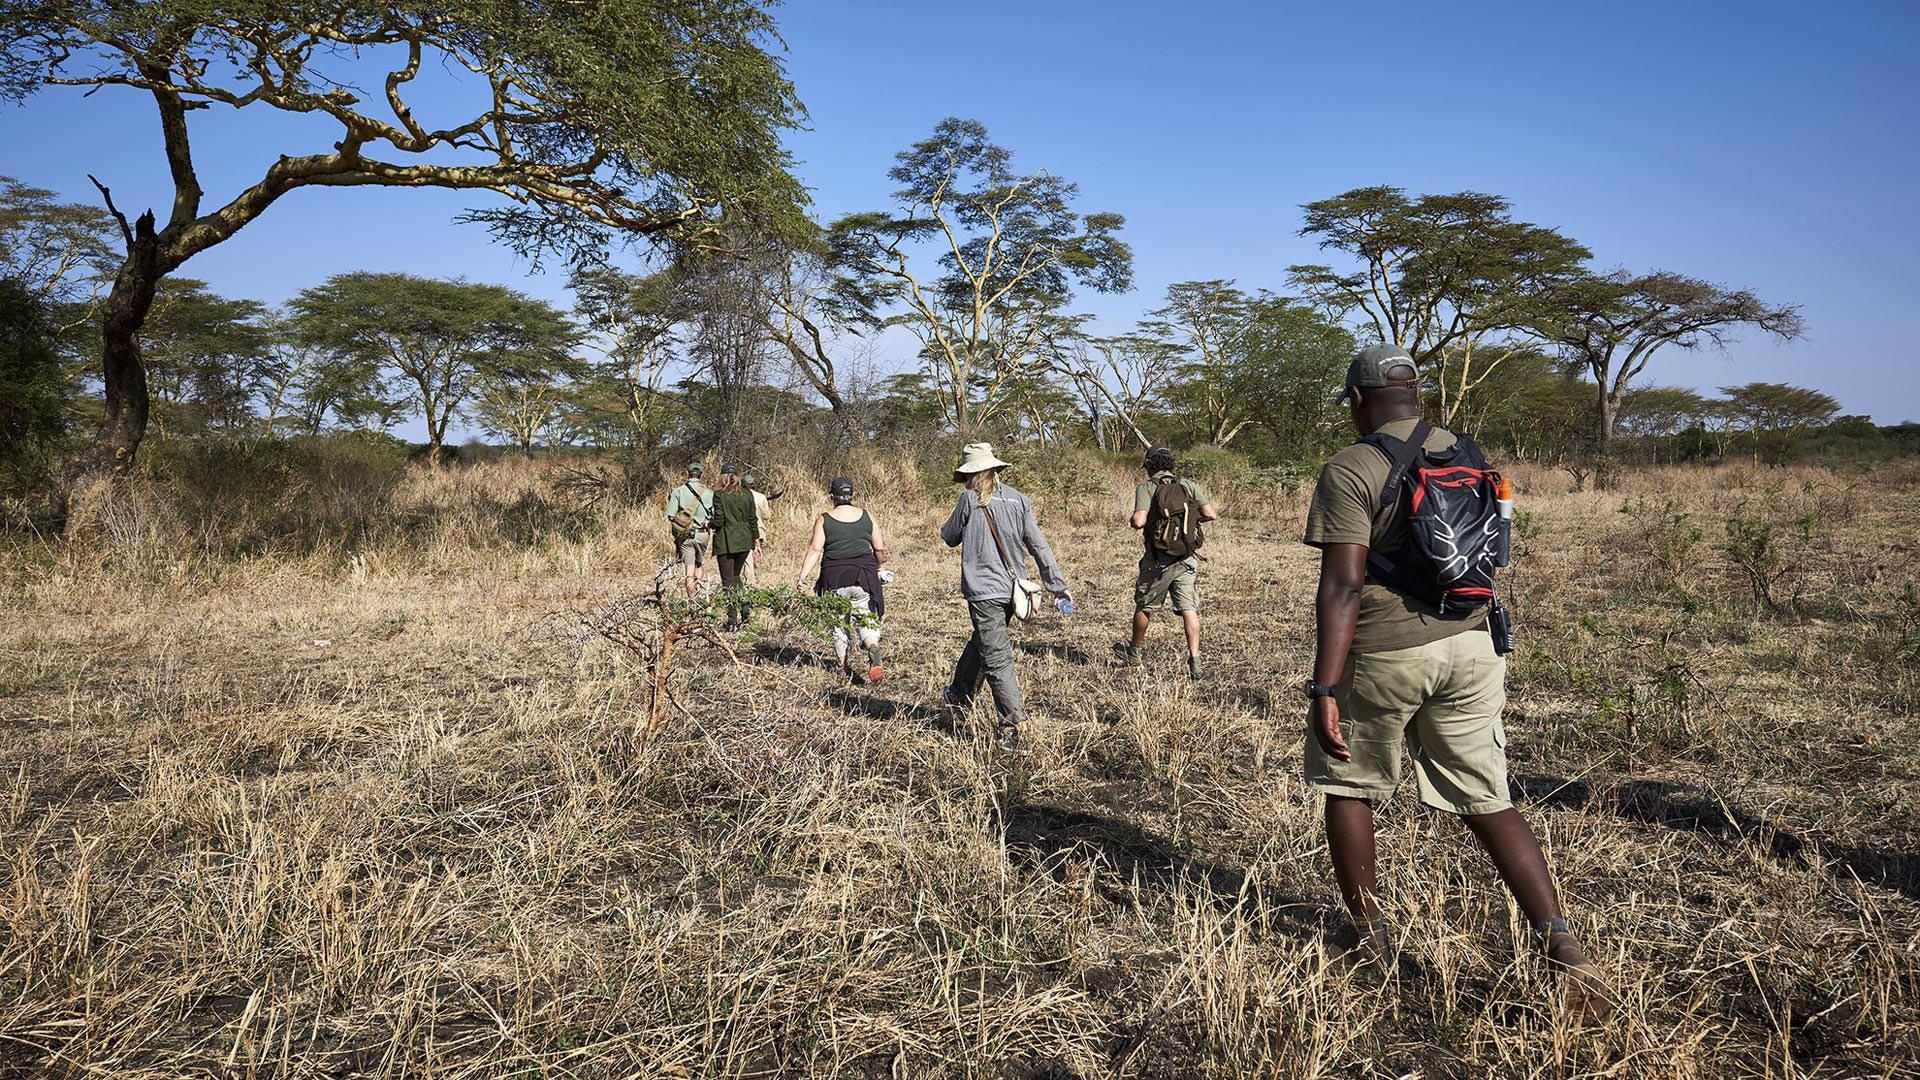 Walking in Maswa Game Reserve